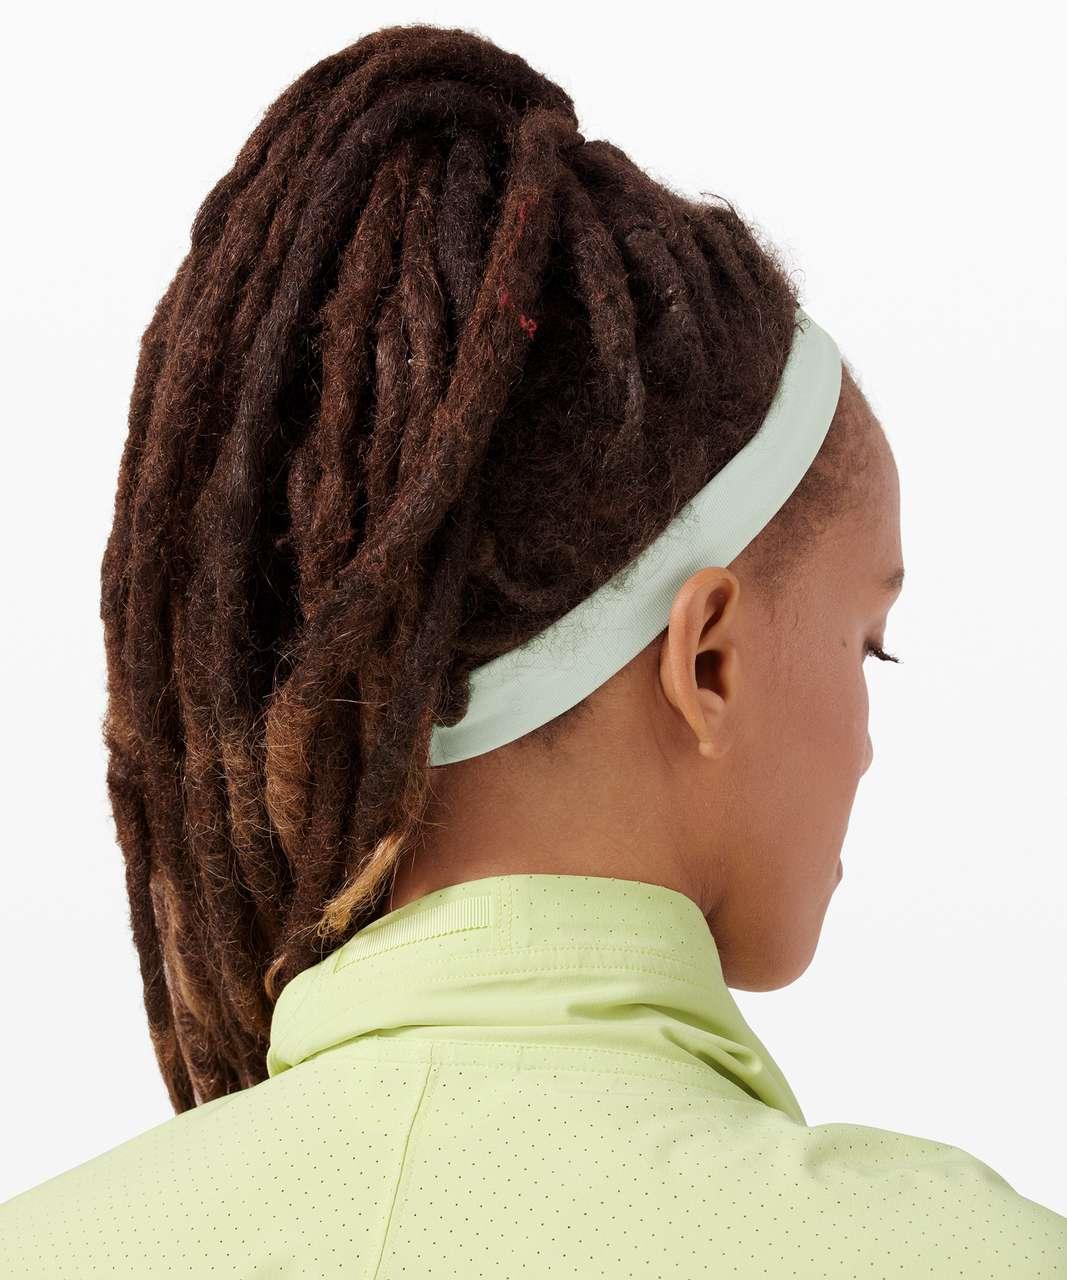 Lululemon Cardio Cross Trainer Headband - Island Mist / White